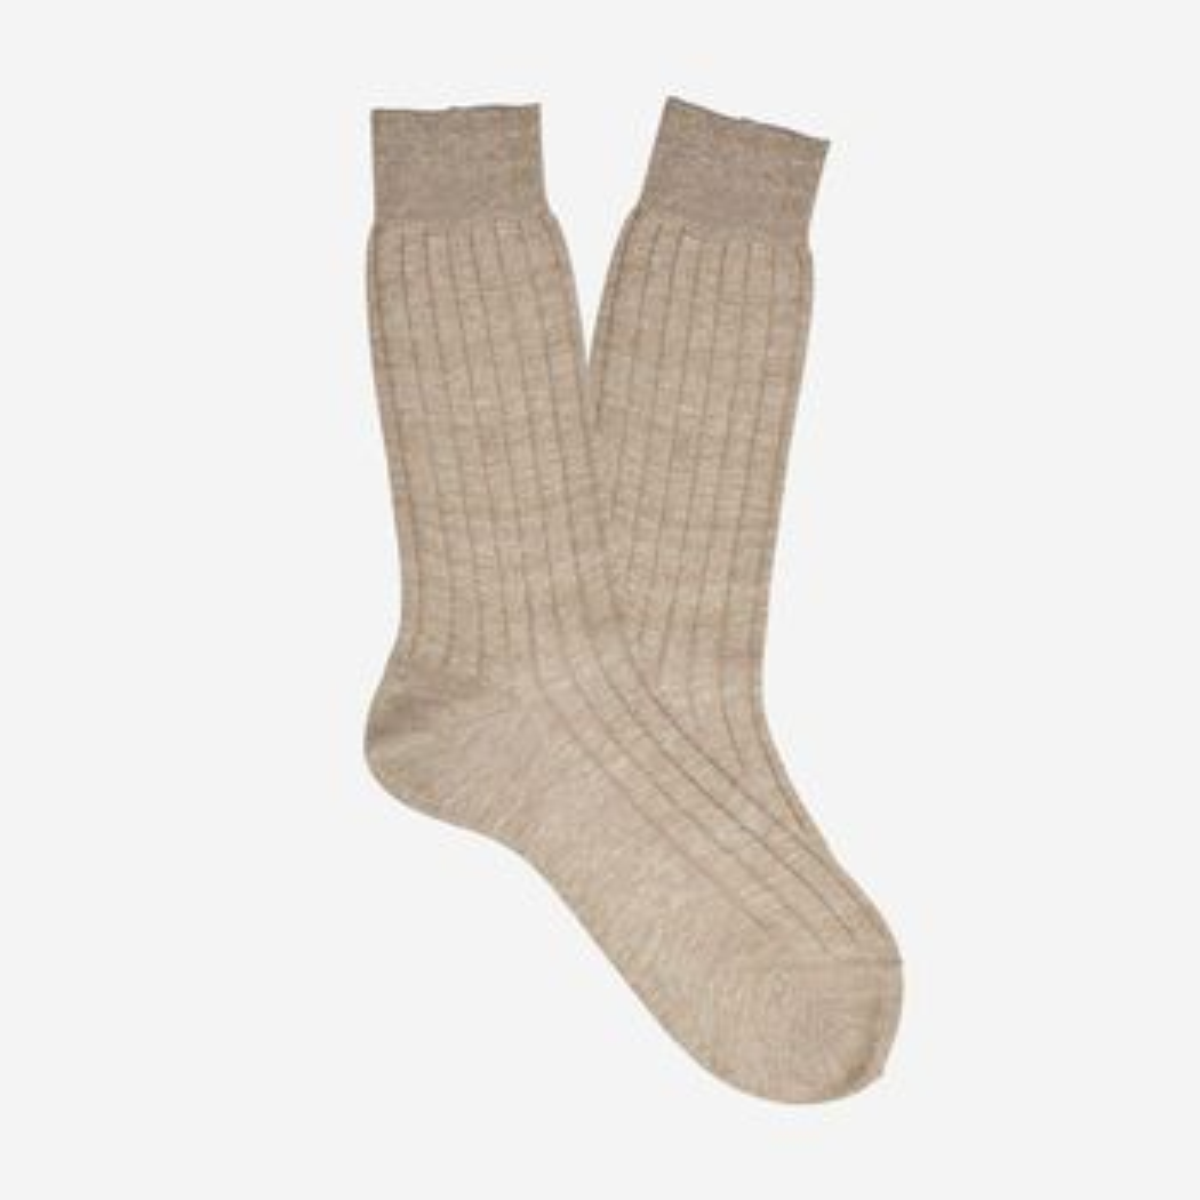 Bresciani Beige Melange Ribbed Linen Socks Feature